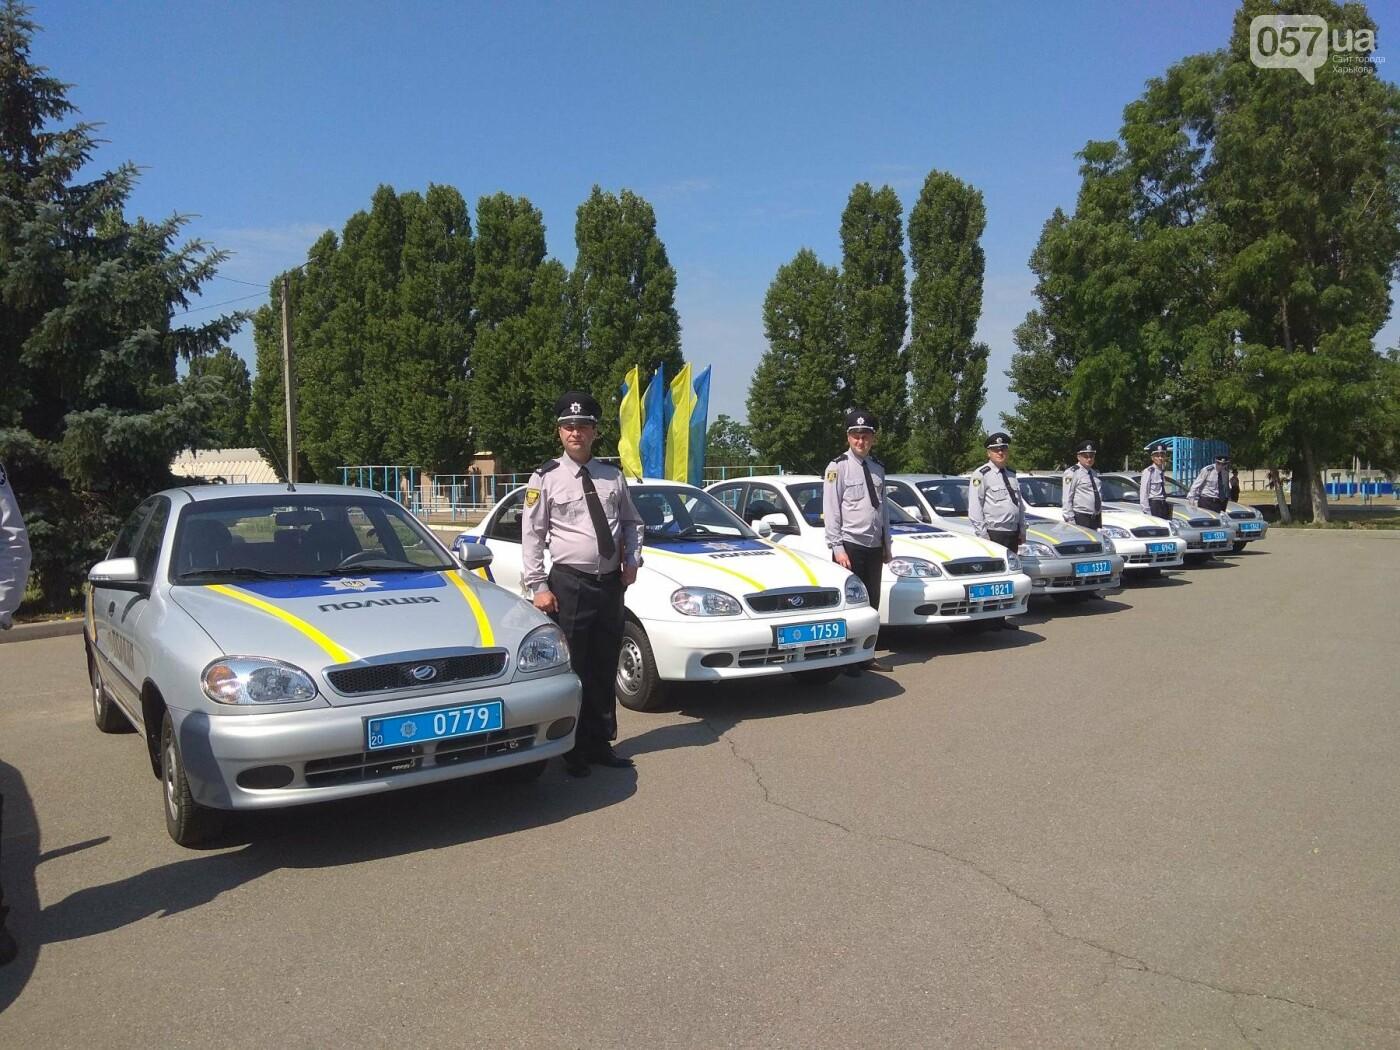 Аваков в Харькове. Украинские участковые получили новые автомобили, - ФОТО, фото-2